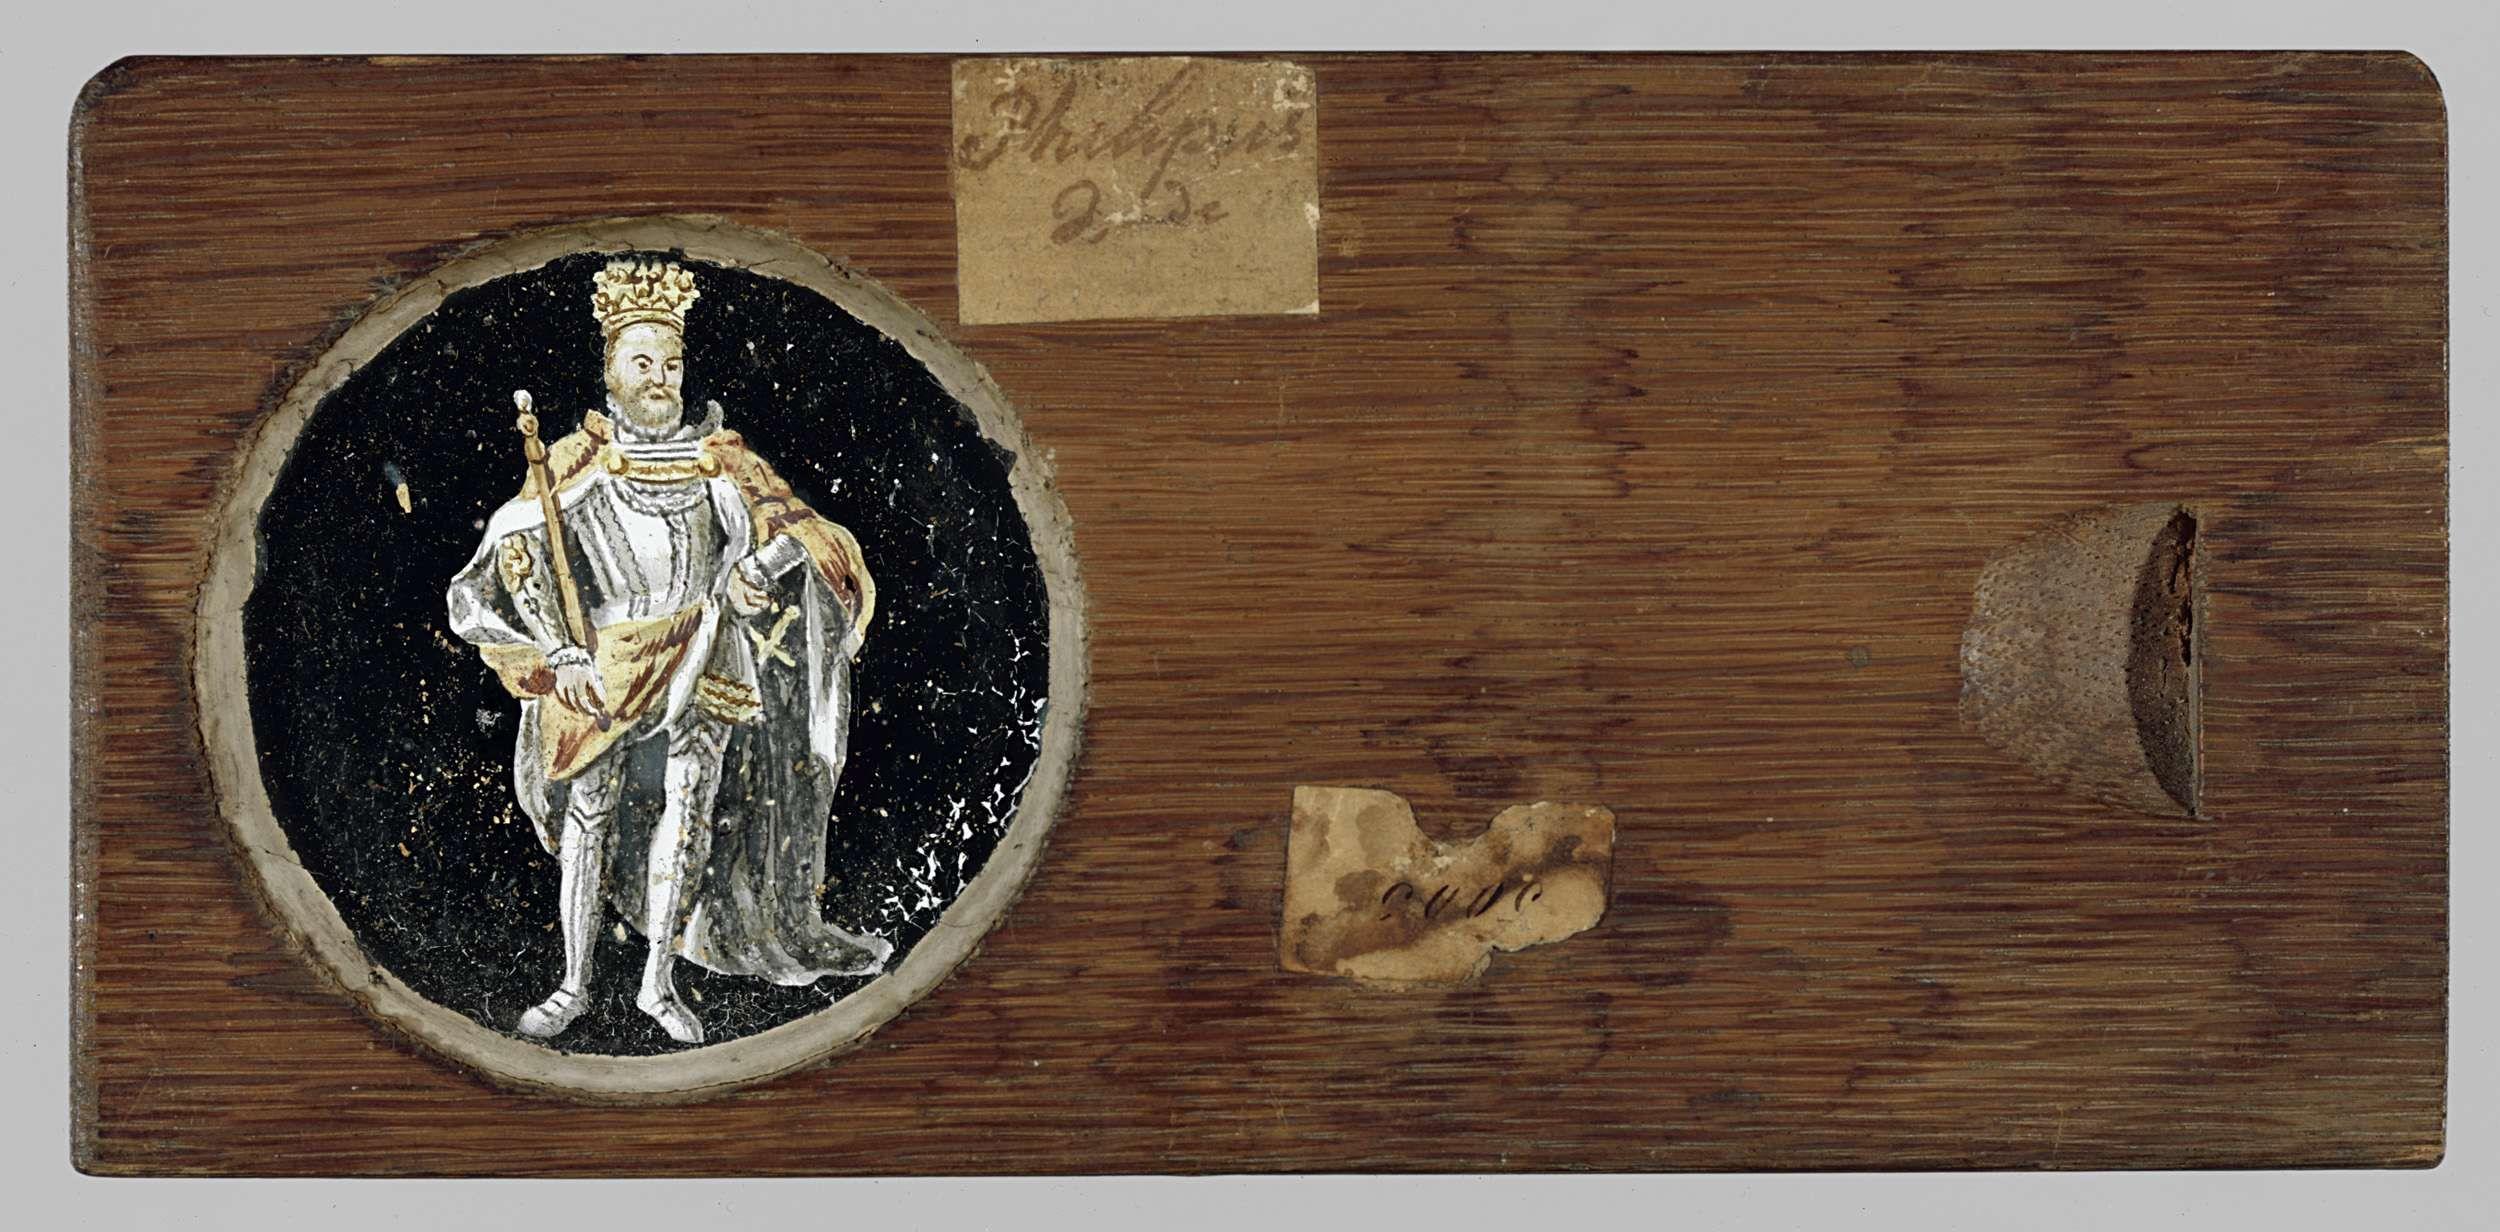 Anonymous | Portret van Filips II, Anonymous, c. 1700 - c. 1790 | Ronde glasplaat in houten vatting. Portret ten voeten uit van Philips II, met koningsmantel en kroon. In zijn rechterhand een scepter, de linkerhand in de zij.